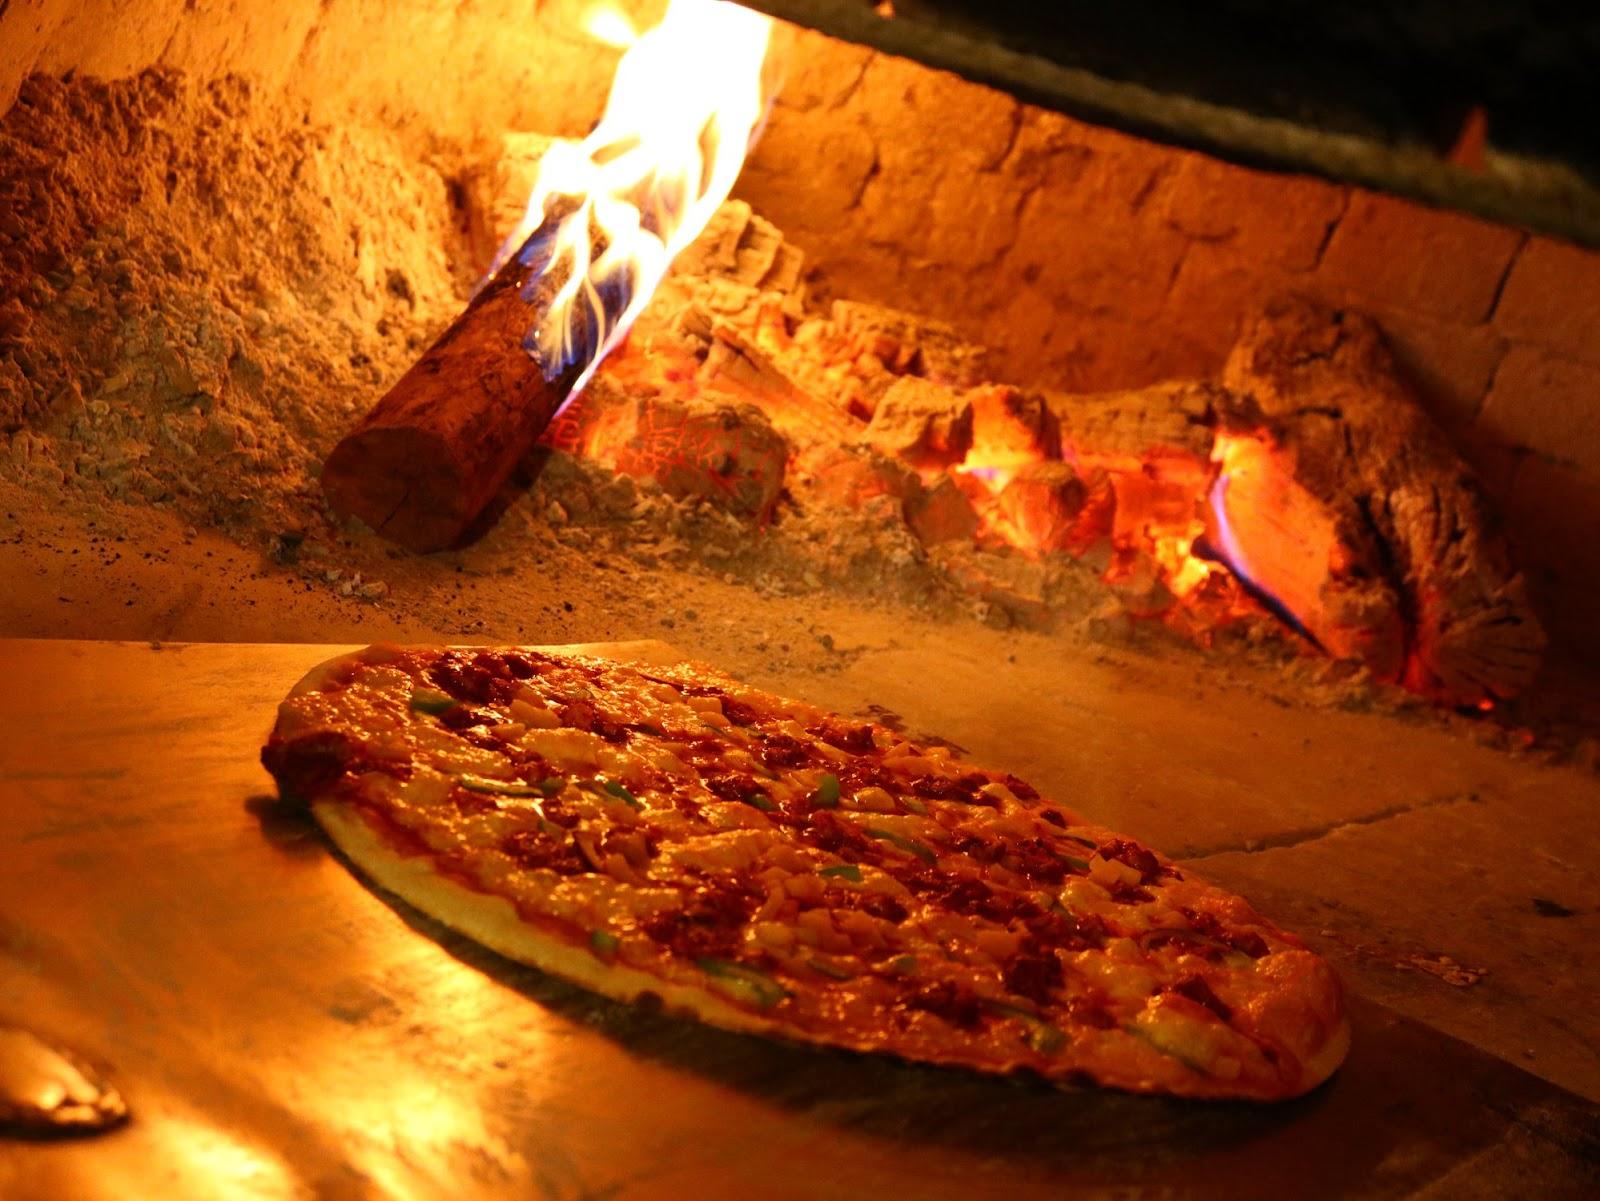 Si comes pizza a la leña ayudas al Medio Ambiente